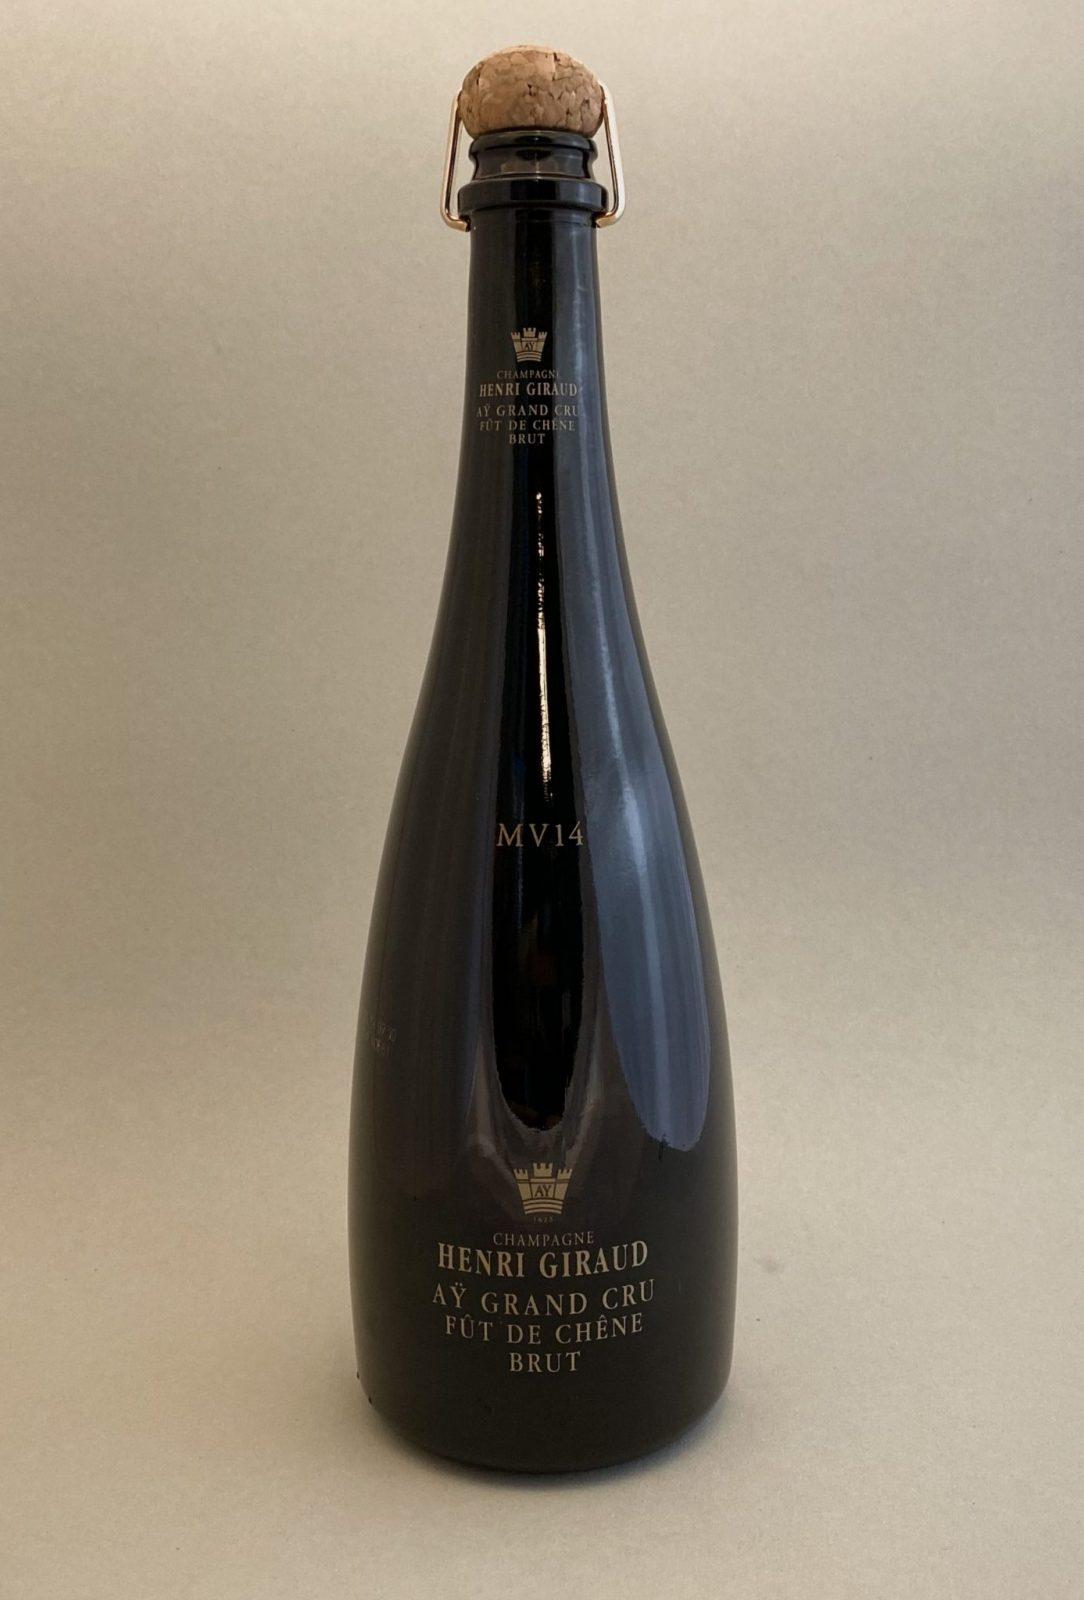 HENRI GIRAUD Fut Chene MV14 Grand Cru Champagne Brut, Bulbinkove vino, vinotéka Bratislava Slnecnice, Sunnywines, rozvoz vina, winebar